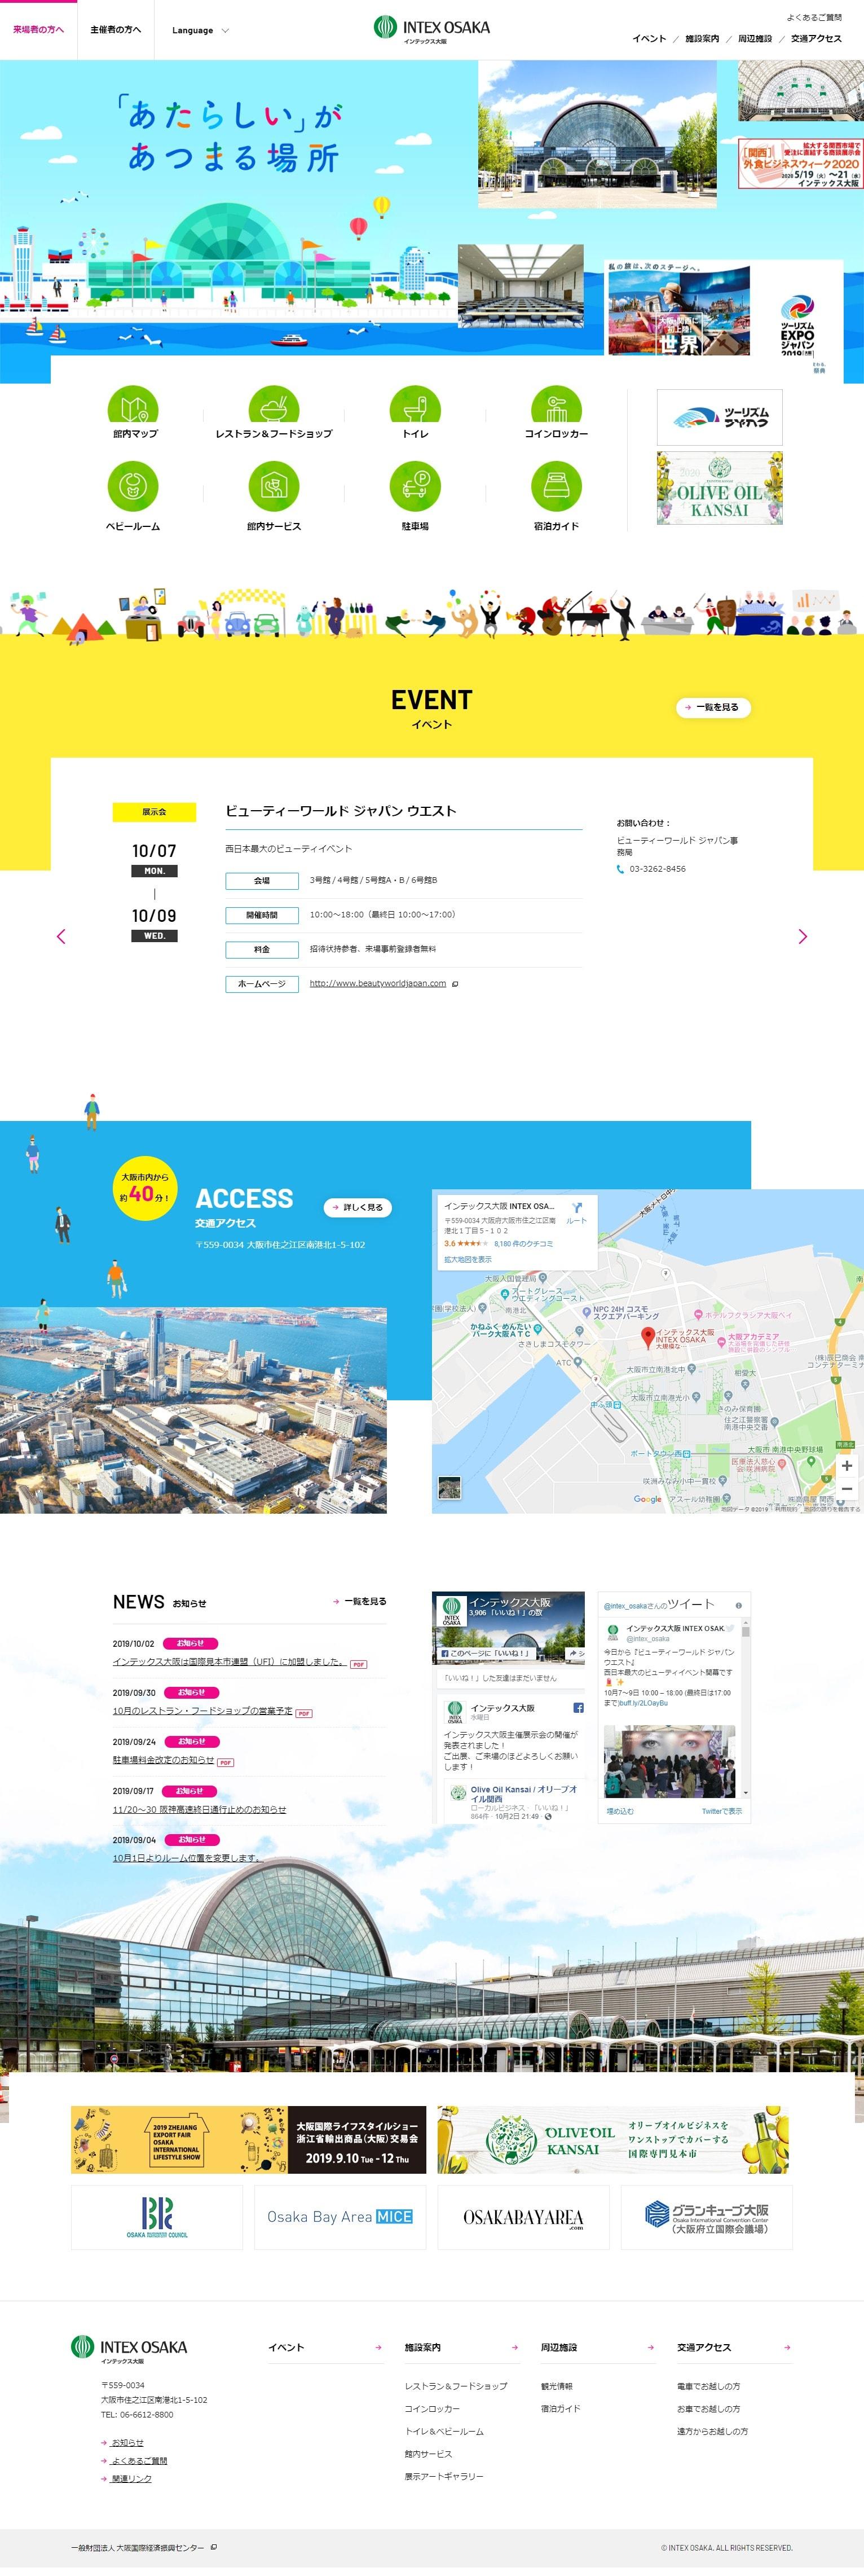 日本最大級の国際展示場 インテックス大阪